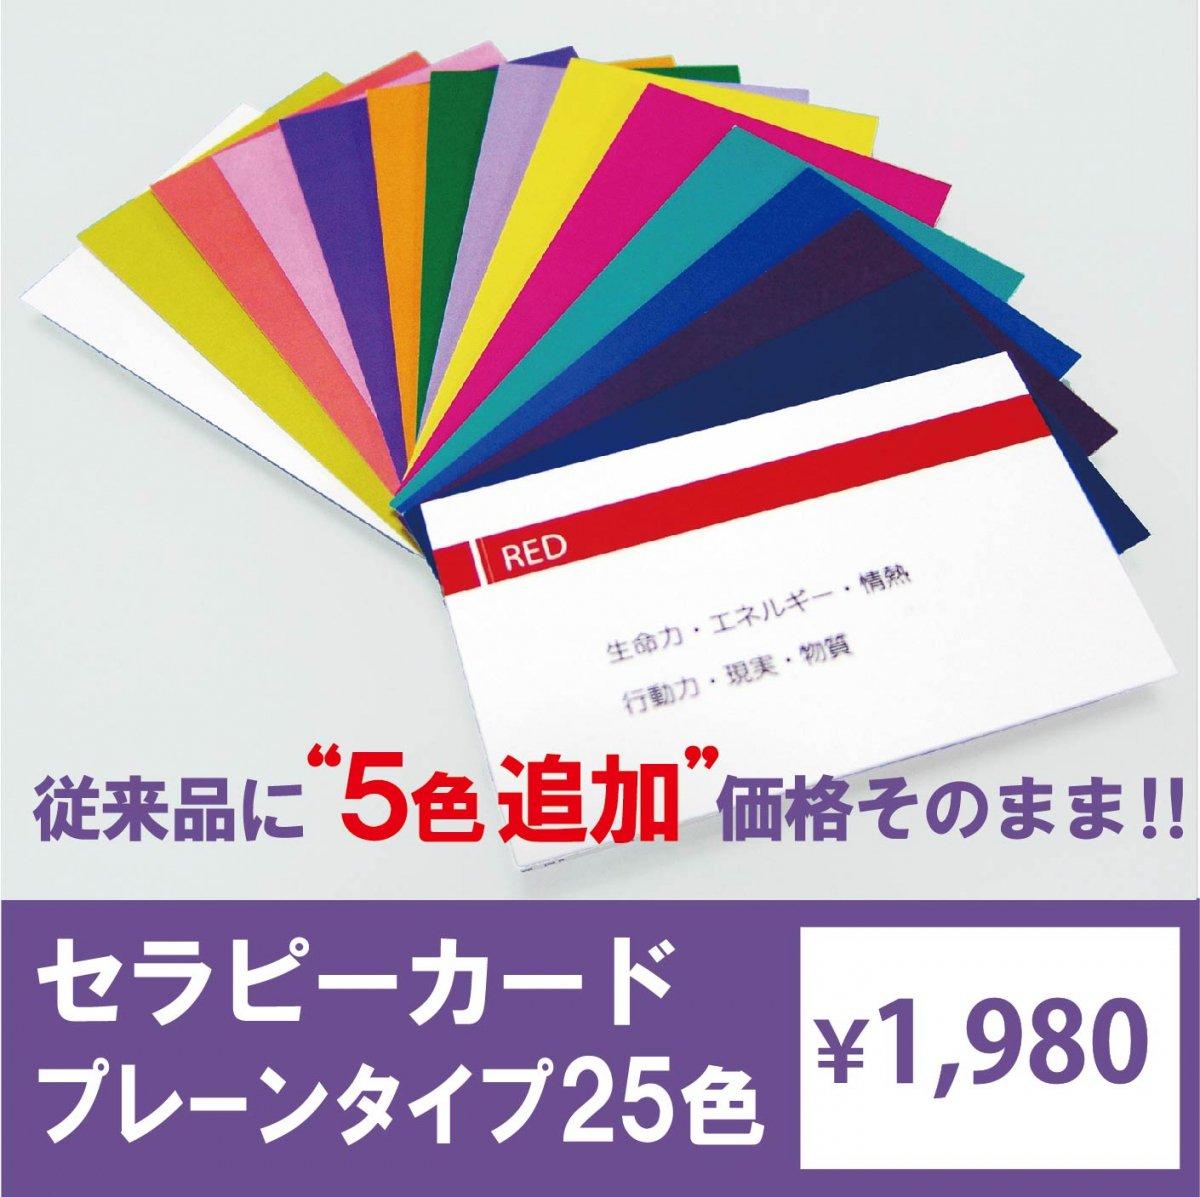 セラピーカードプレーンタイプ【25色セット】